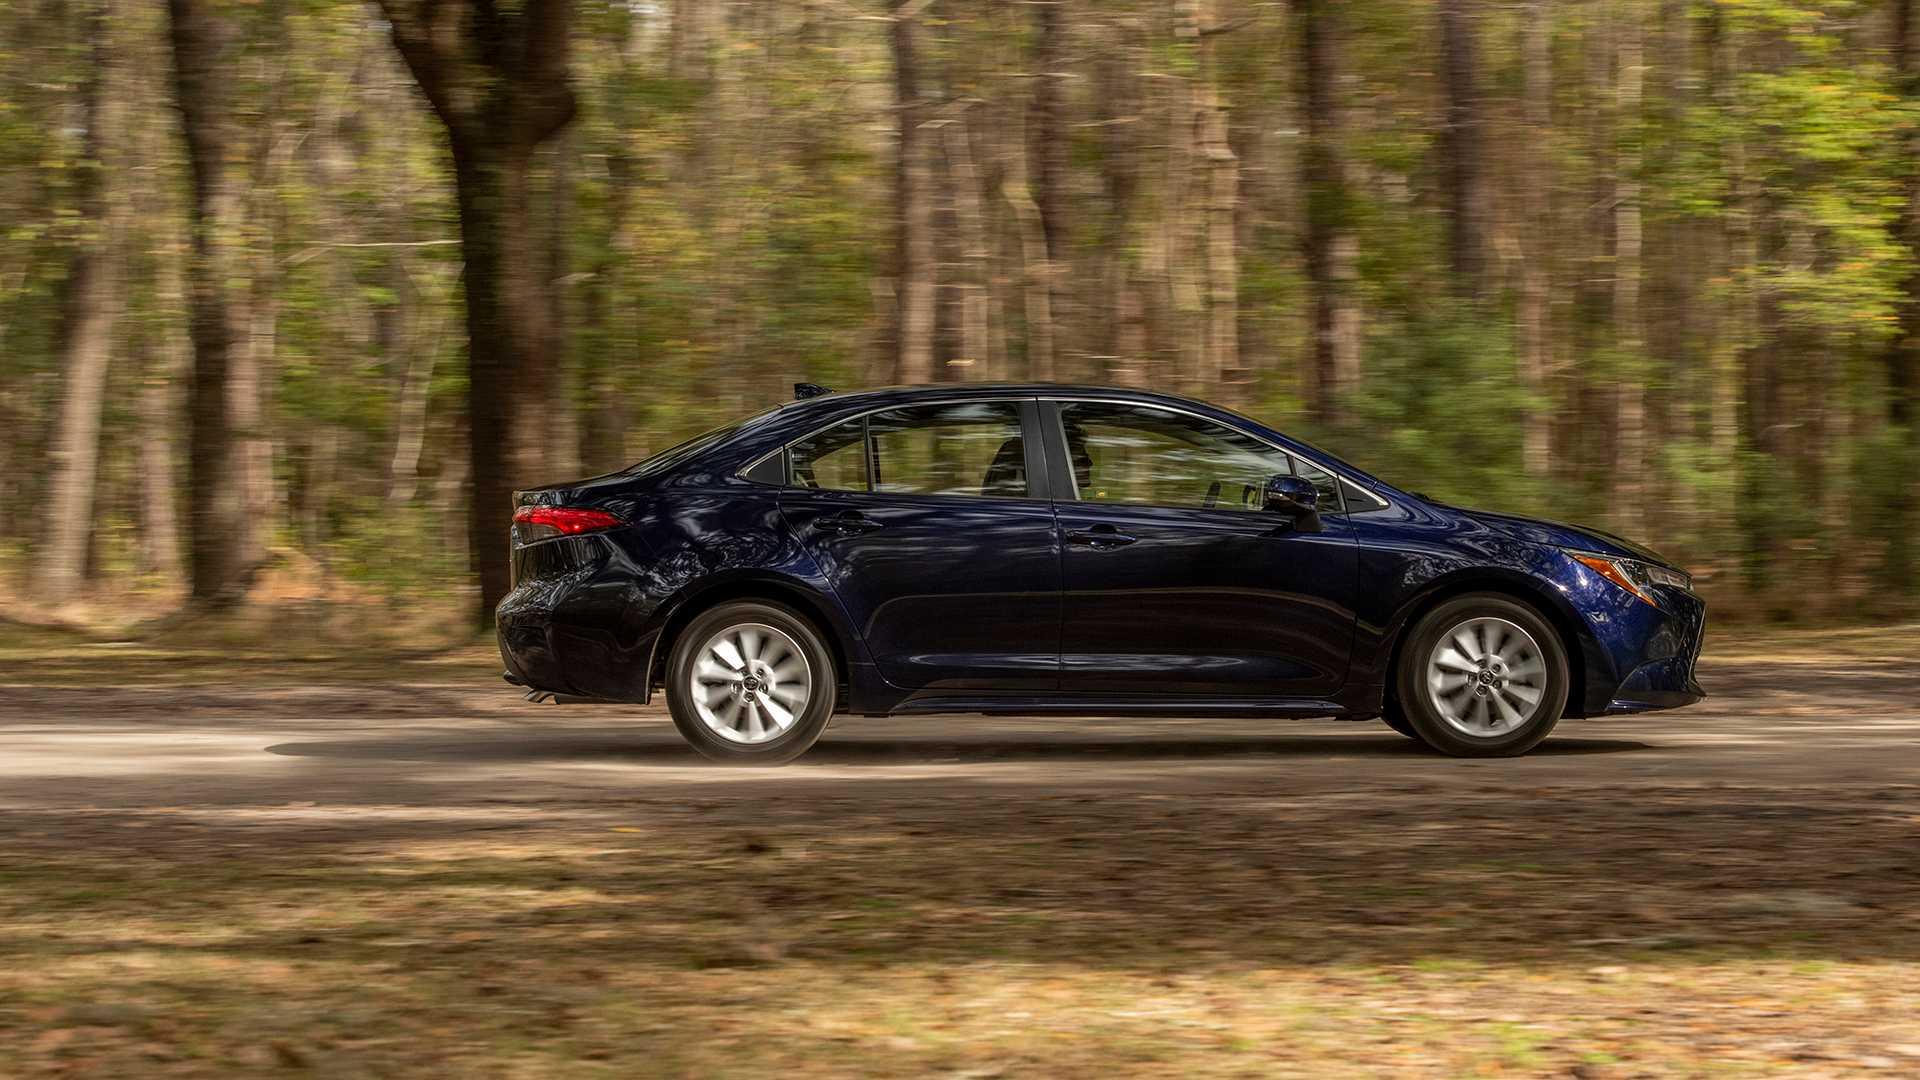 2020-toyota-corolla-sedan-danh-gia-18.jpg